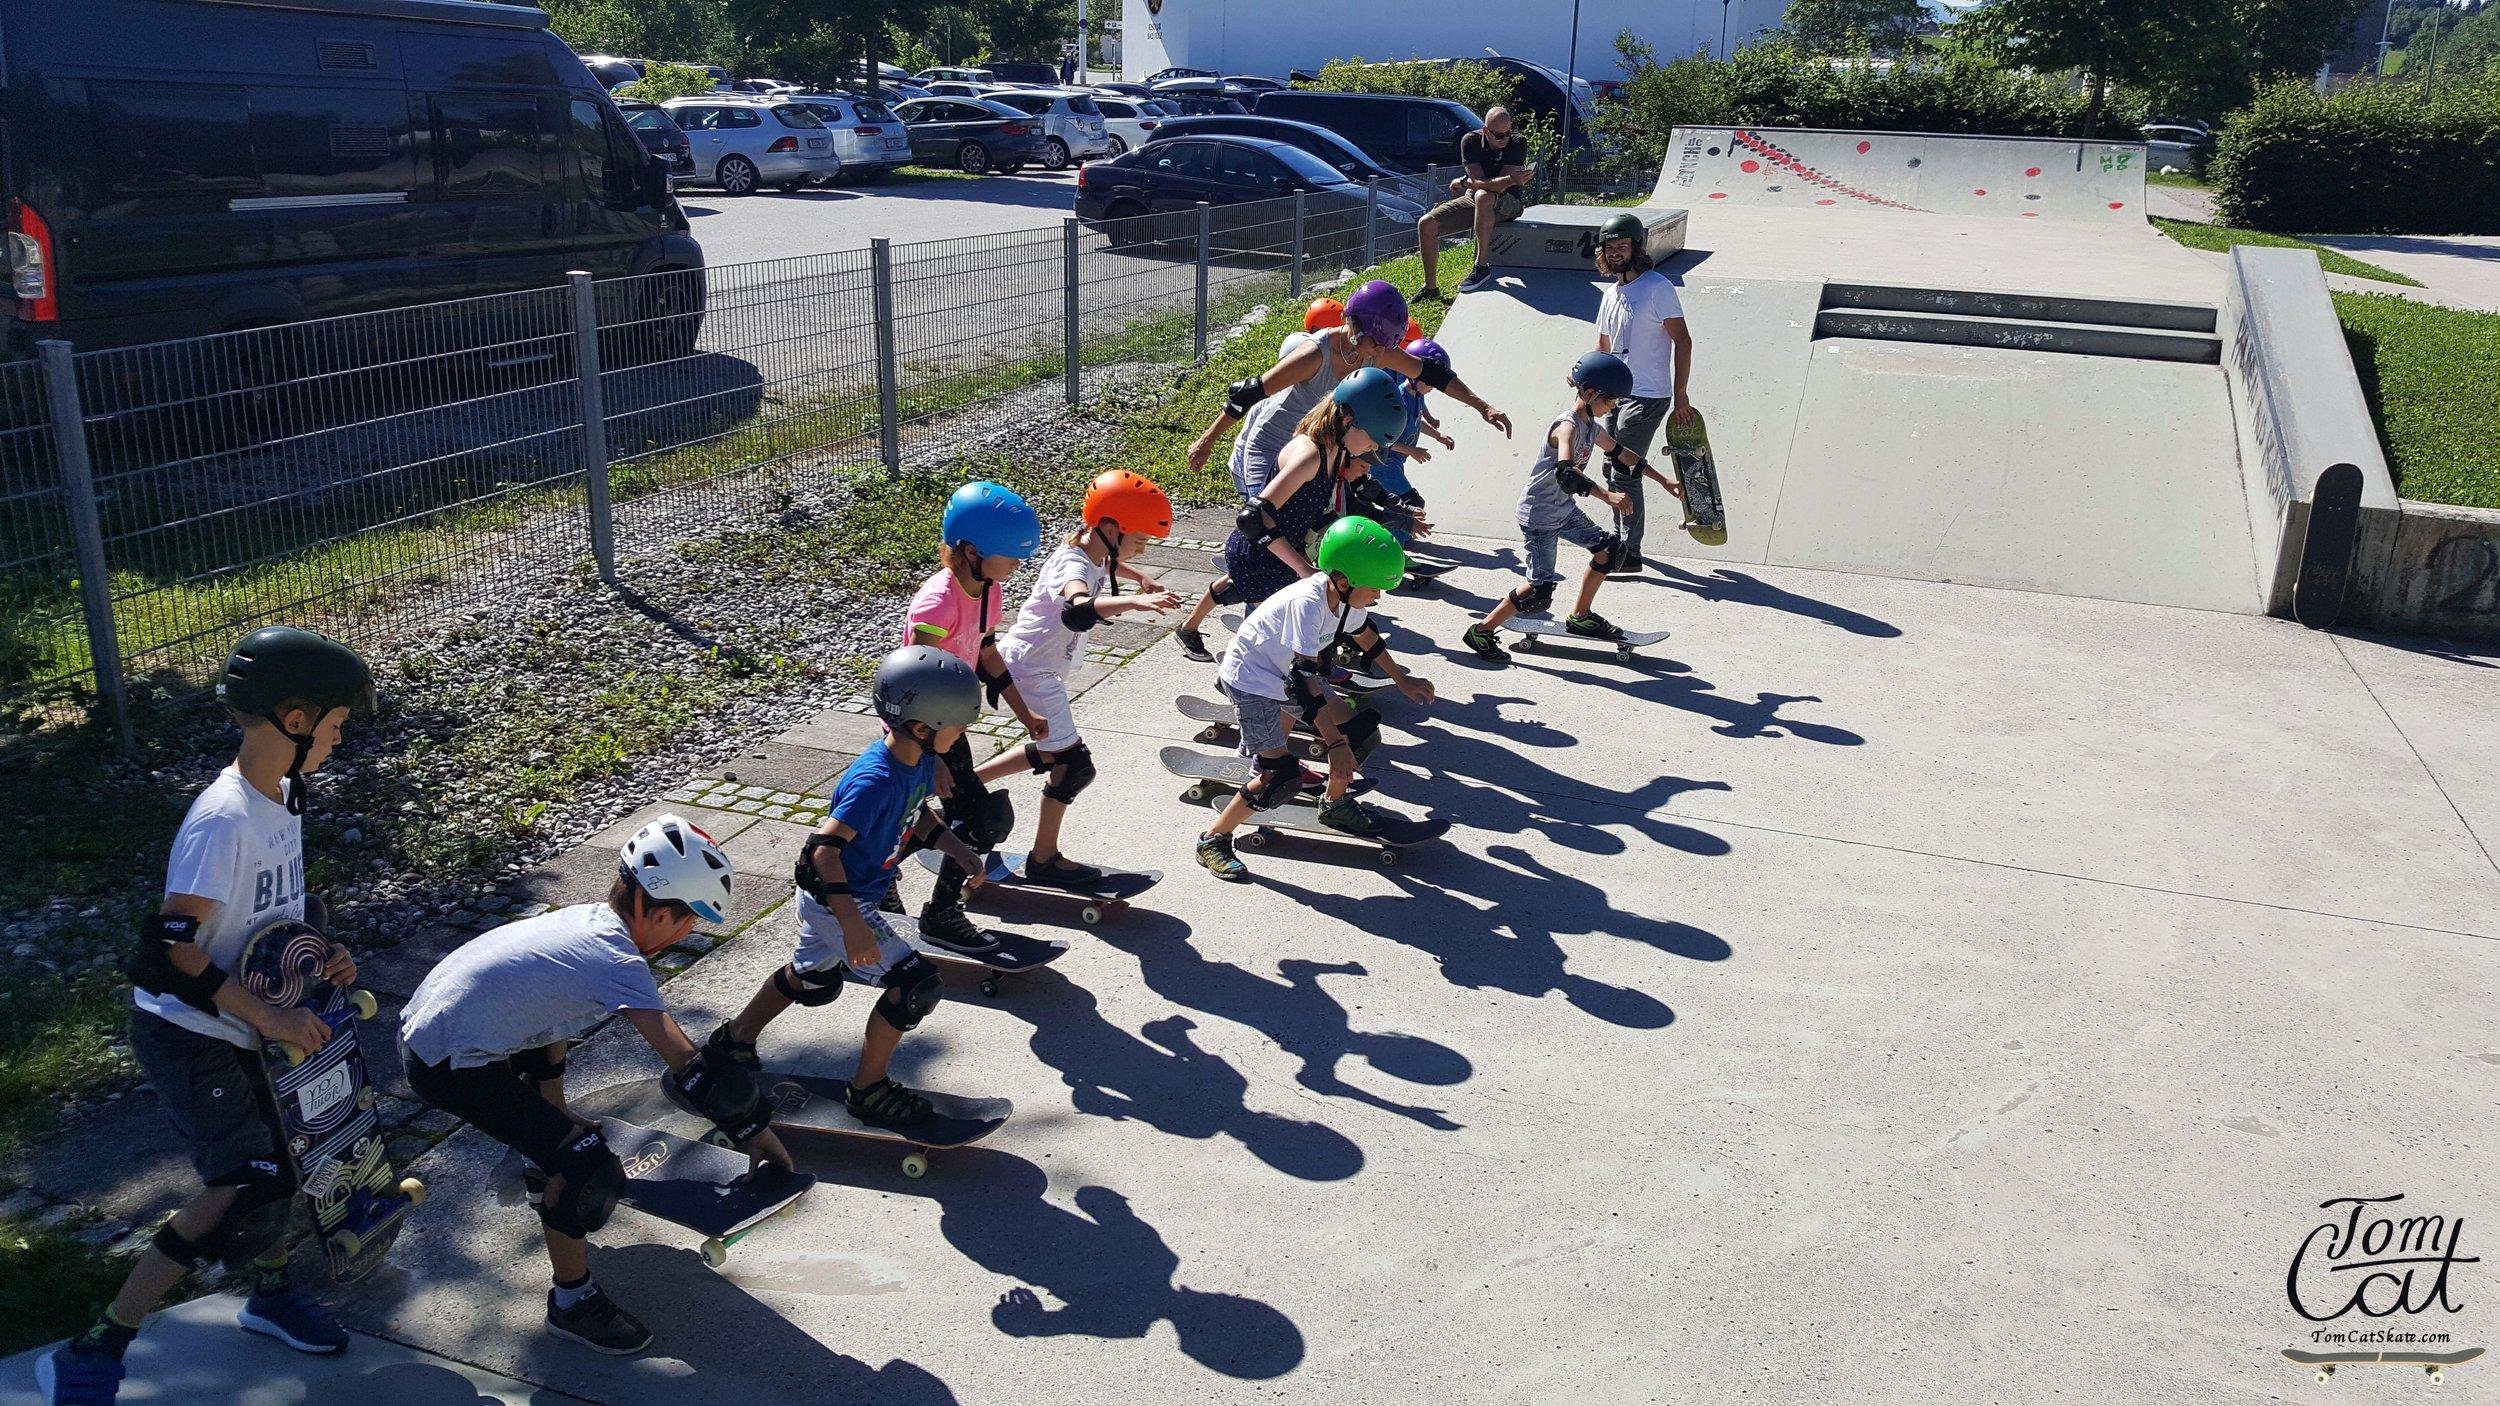 Skatekurs München Skate München Skatepark Skateboarding München Skate Profi München Bad Tölz Deutschland Skateboarding Germany 5.jpg